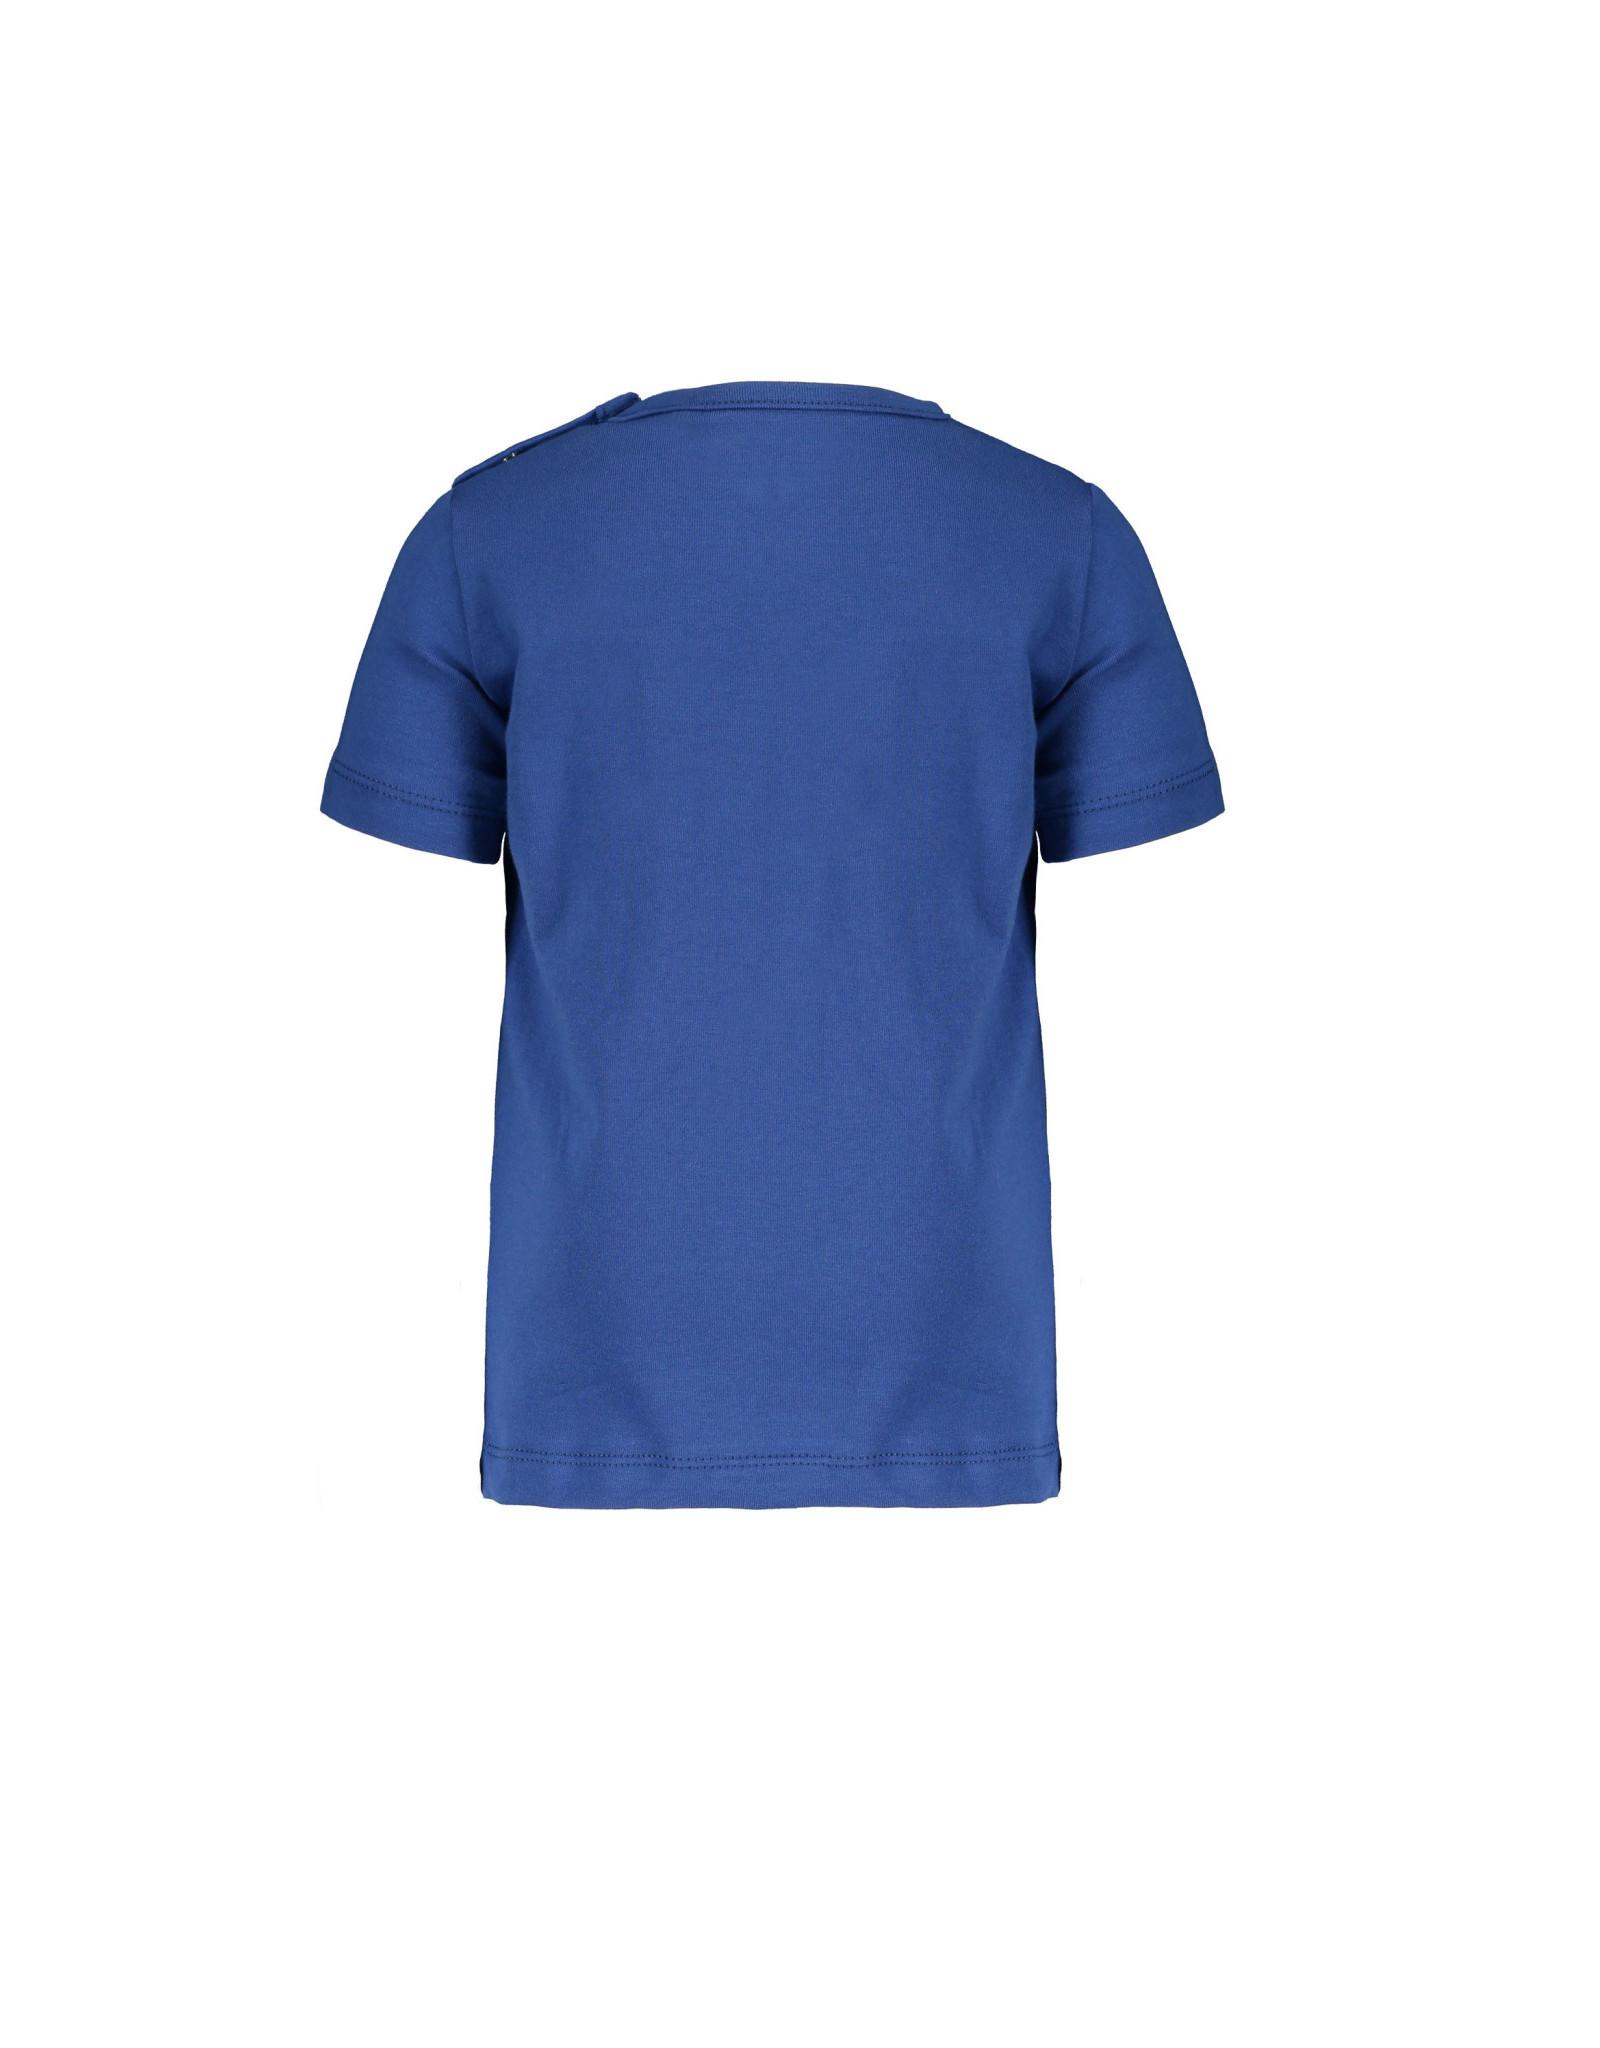 Bampidano Bampidano baby jongens t-shirt Enzo Blue